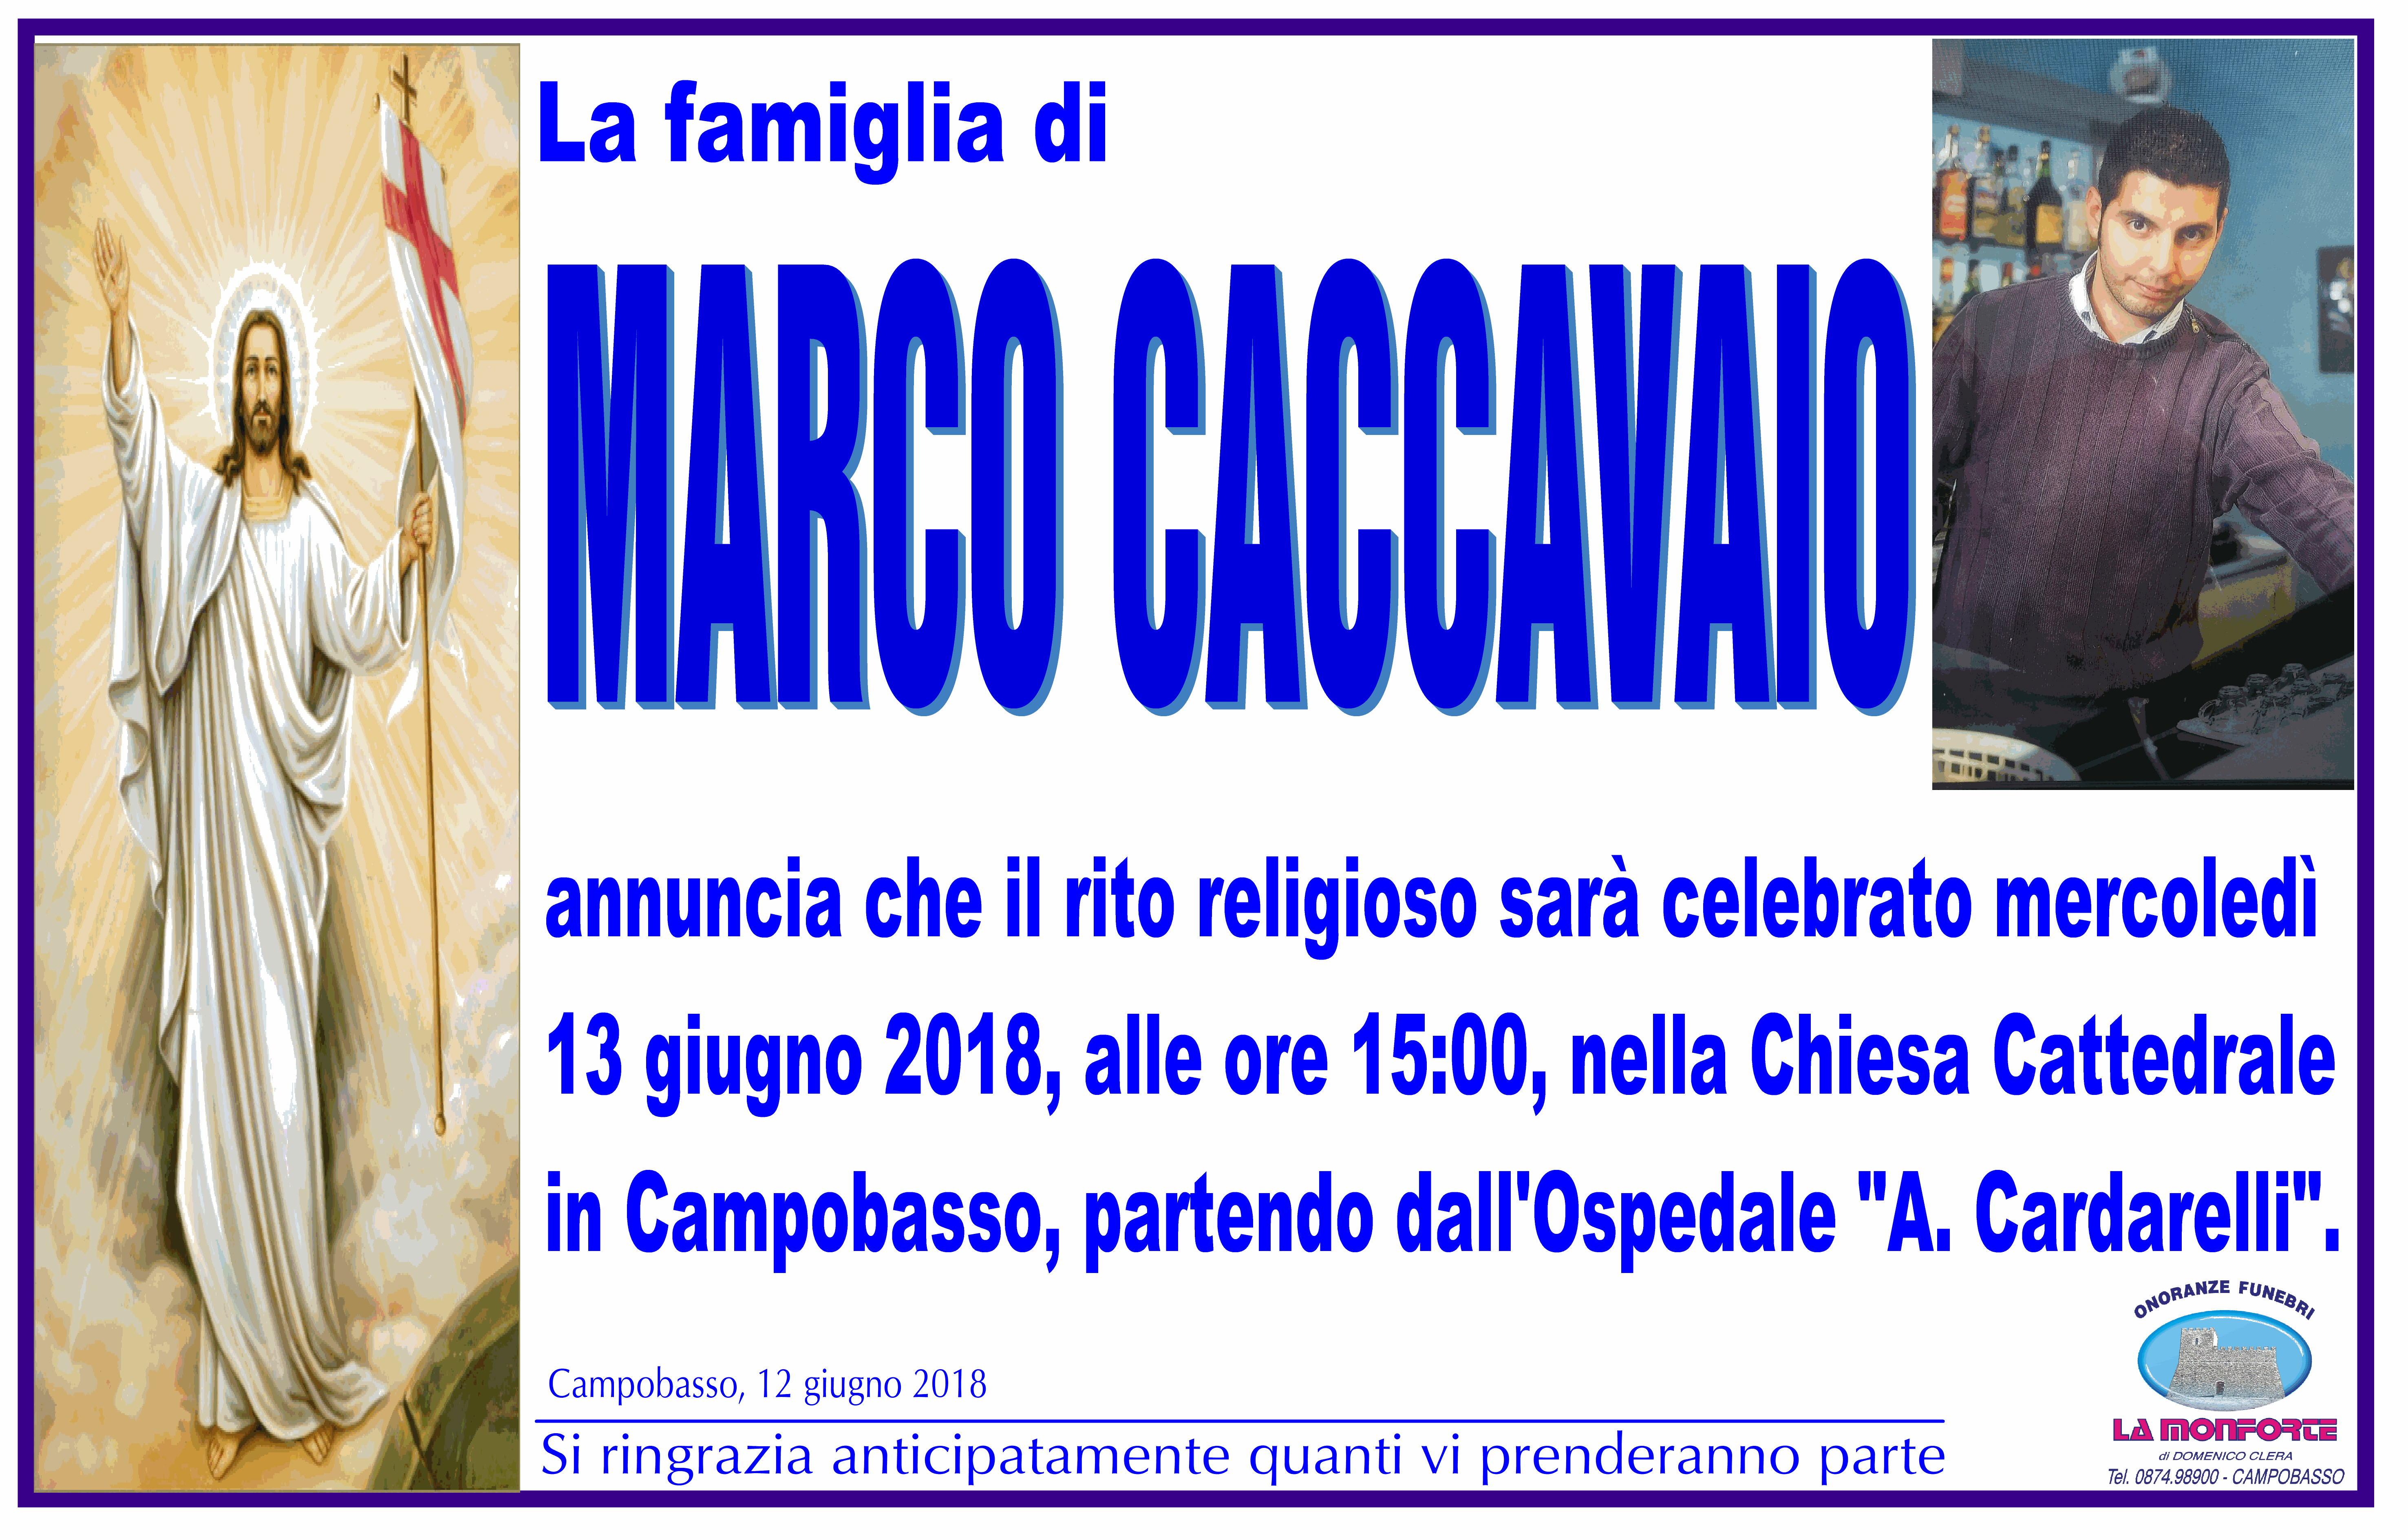 Marco Caccavaio – 12/06/2018 – Campobasso – Onoranze funebri La Monforte